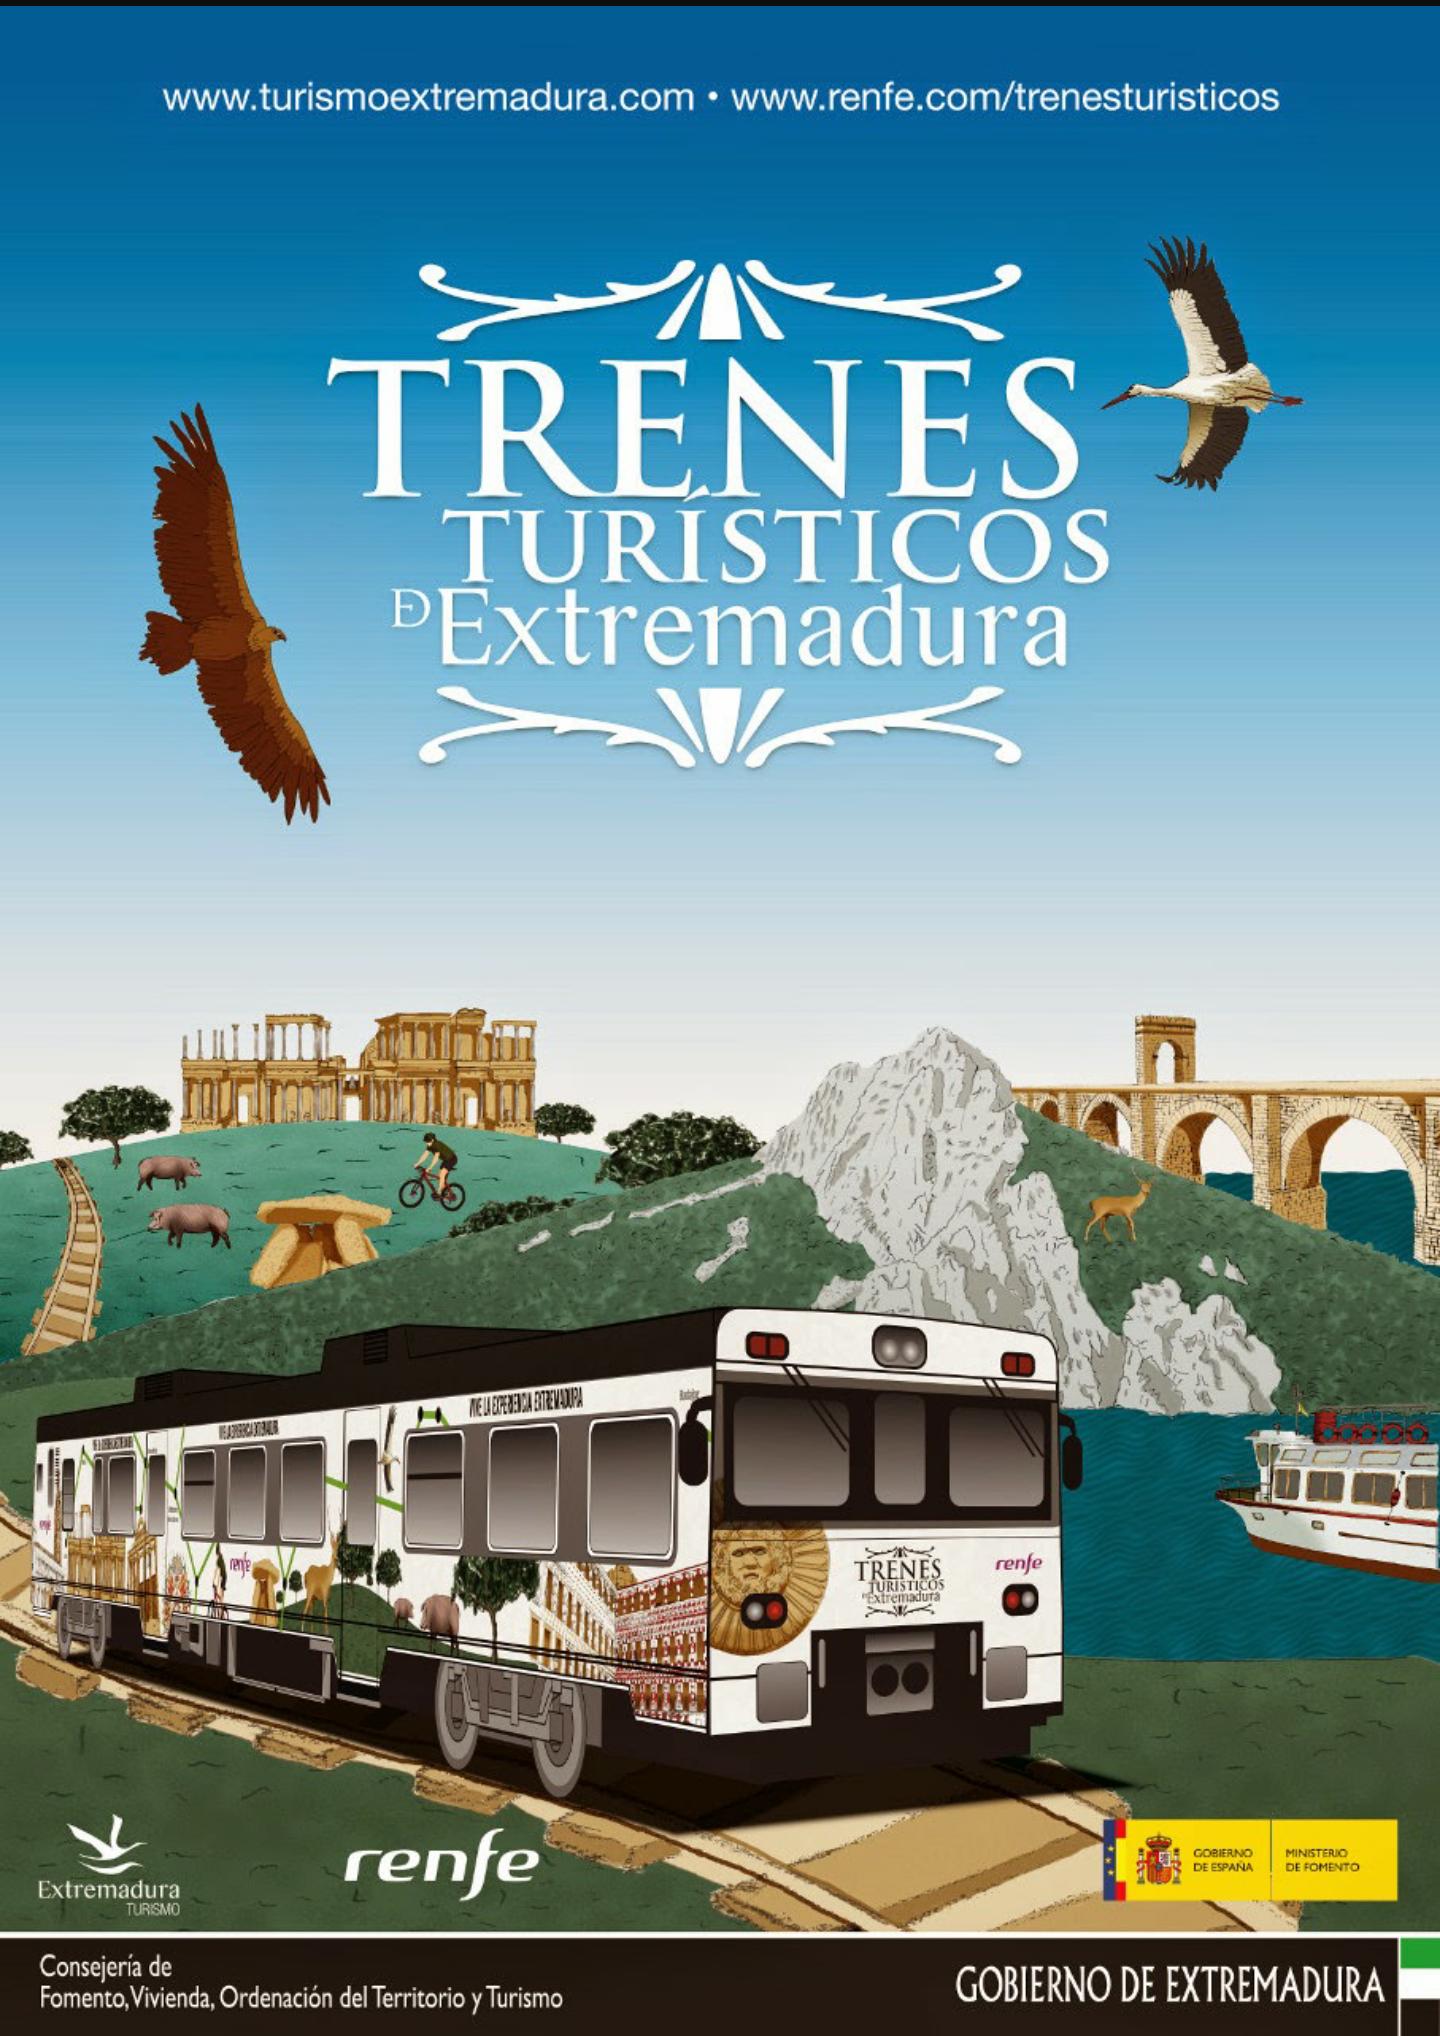 Trenes Turísticos de Extremadura